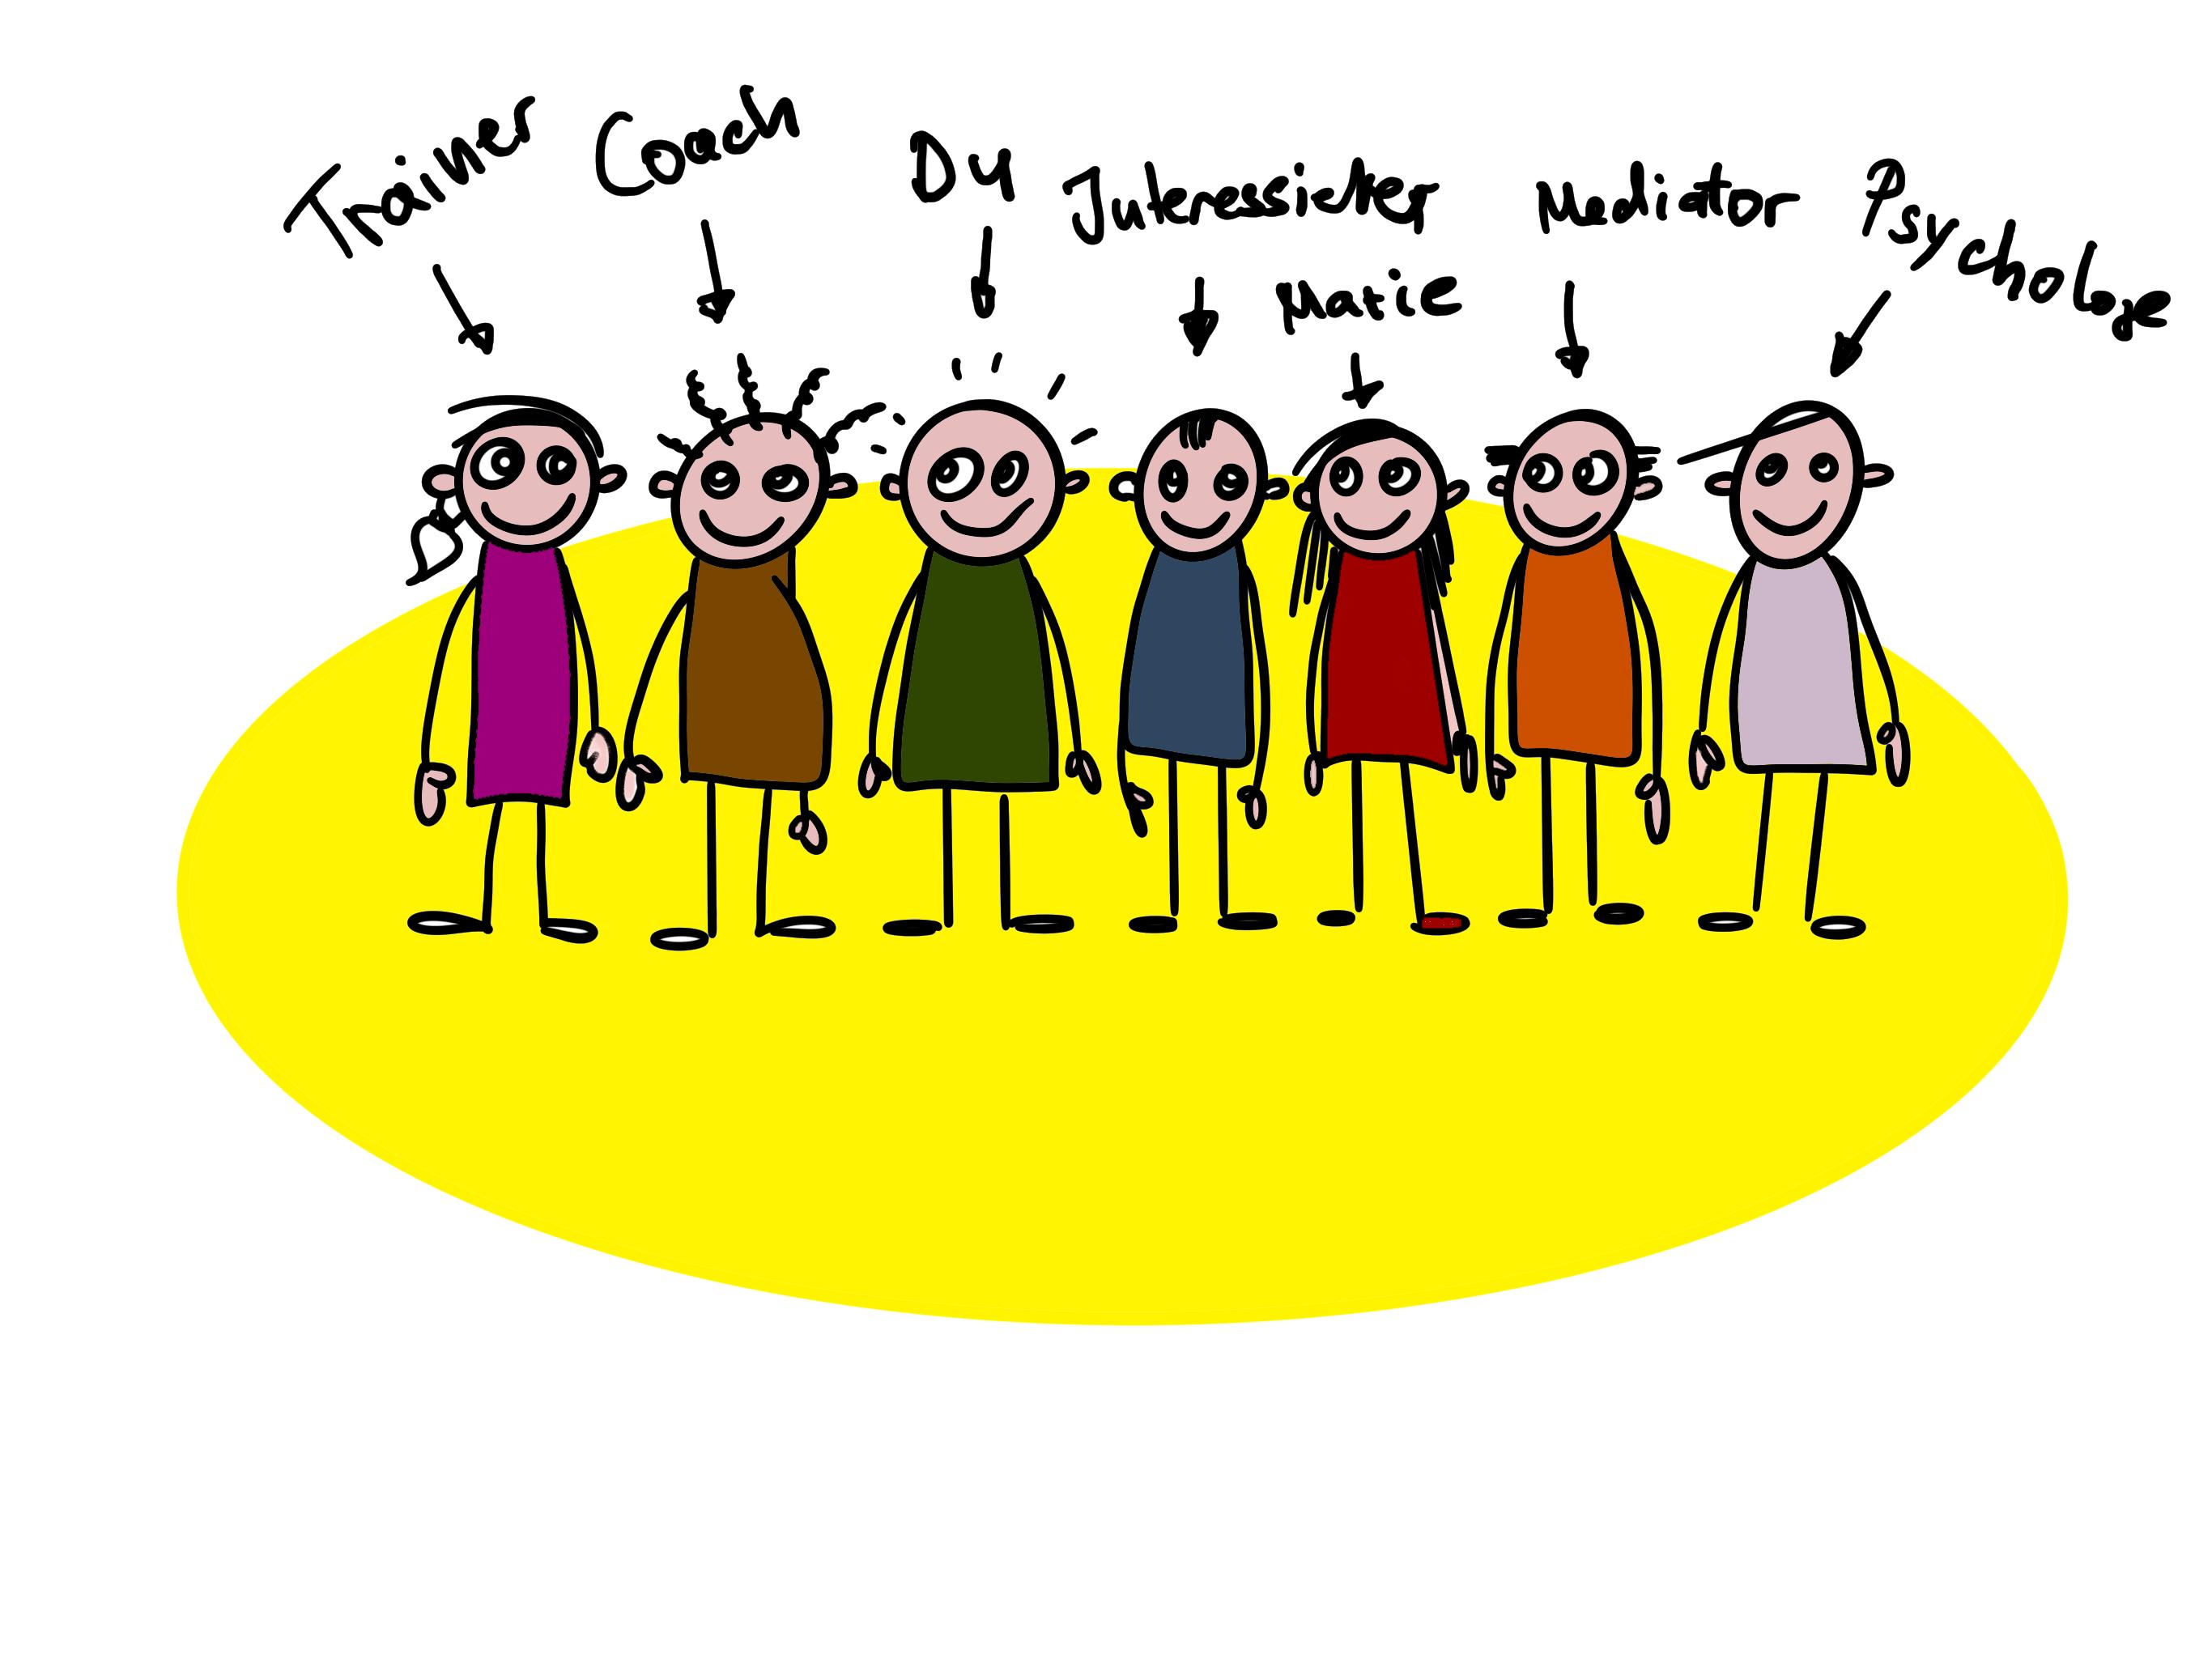 Wer ist die Coaching-Community